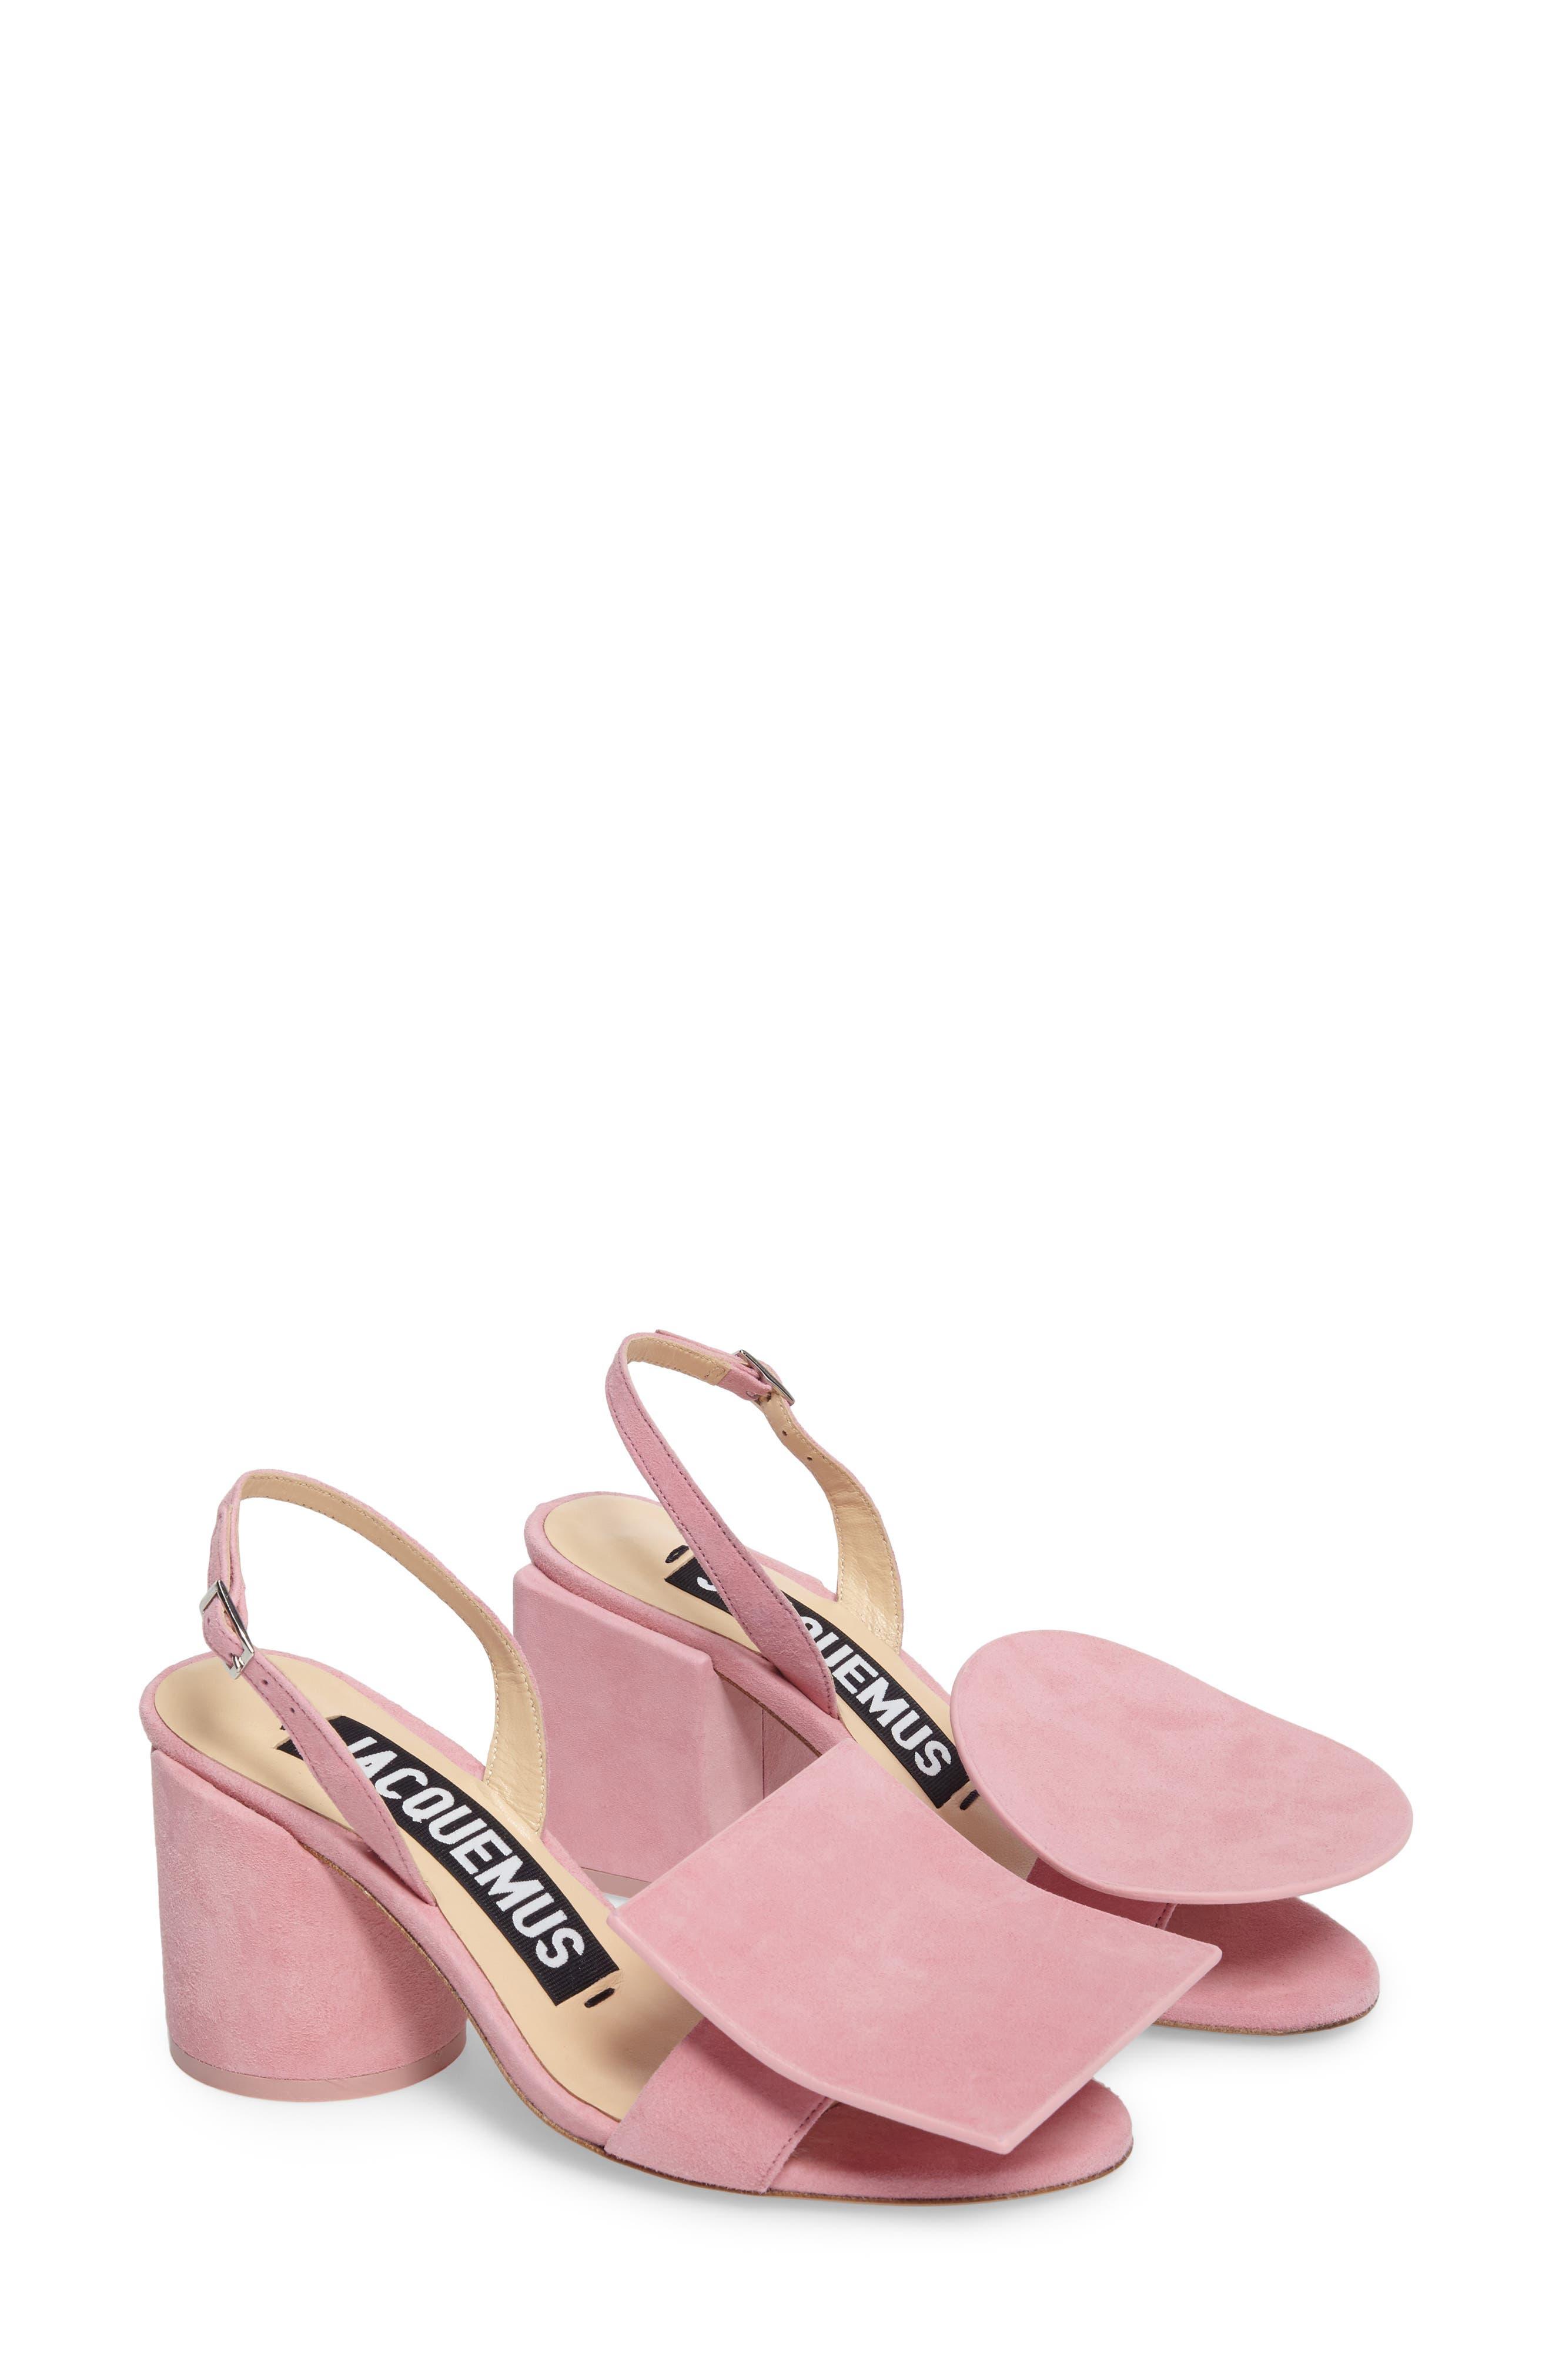 Les Rond Carré Suede Sandal,                             Main thumbnail 1, color,                             Pink